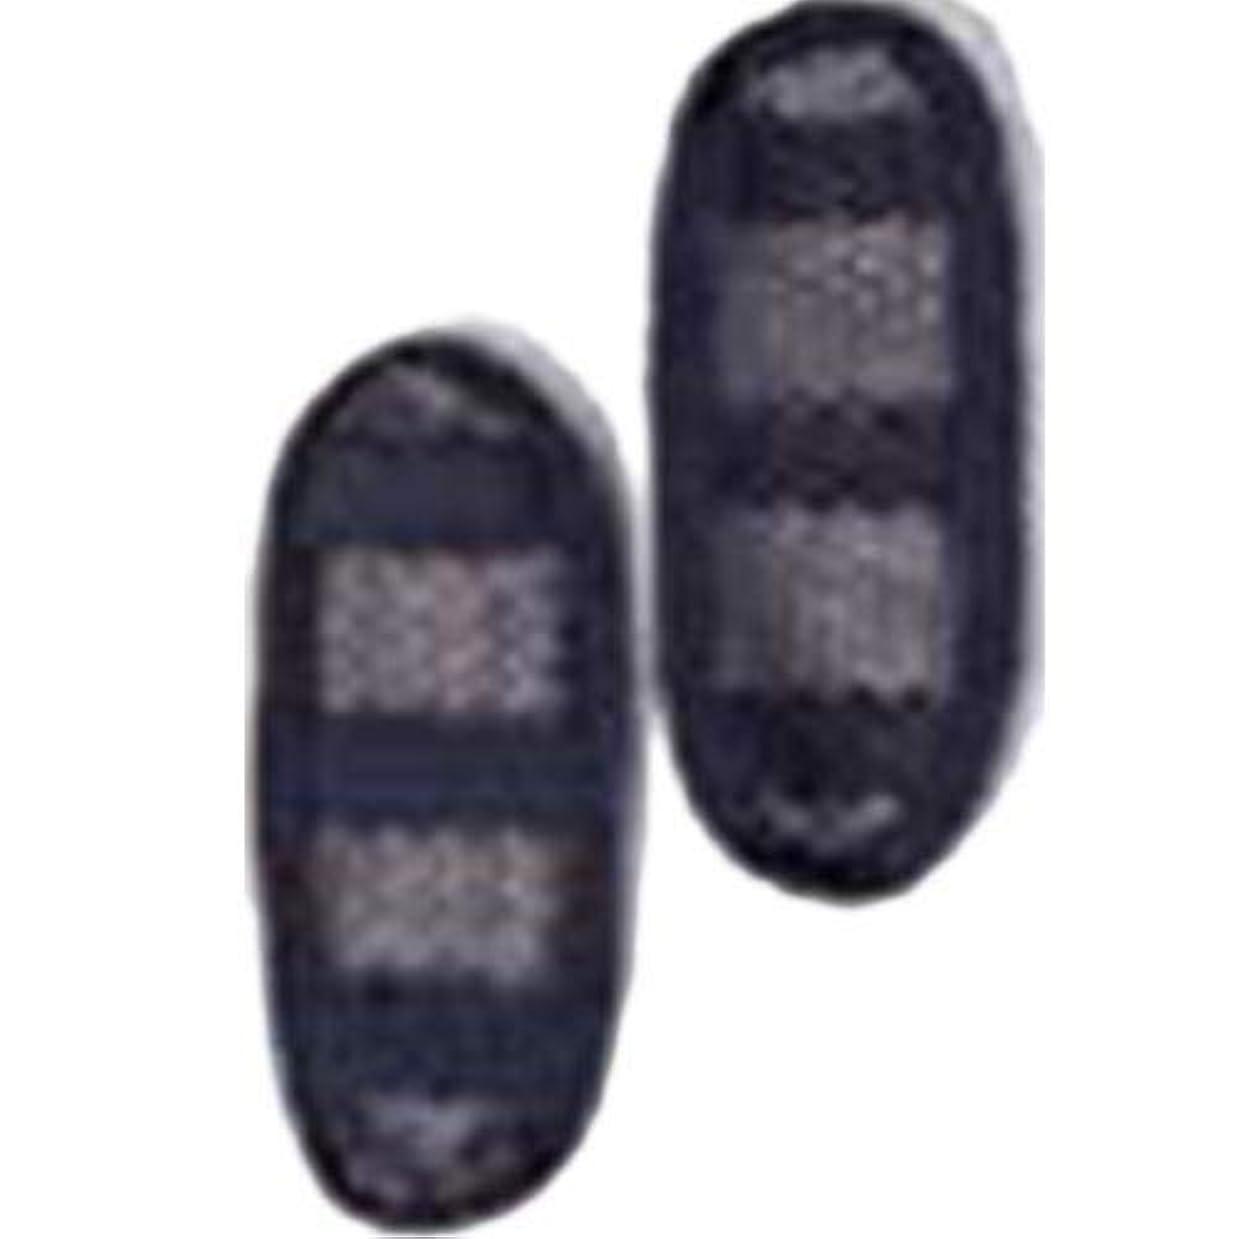 嫌い香水明確なアライテント ハニカムメッシュ製ショルダーパッドセット(2個1組) 201500